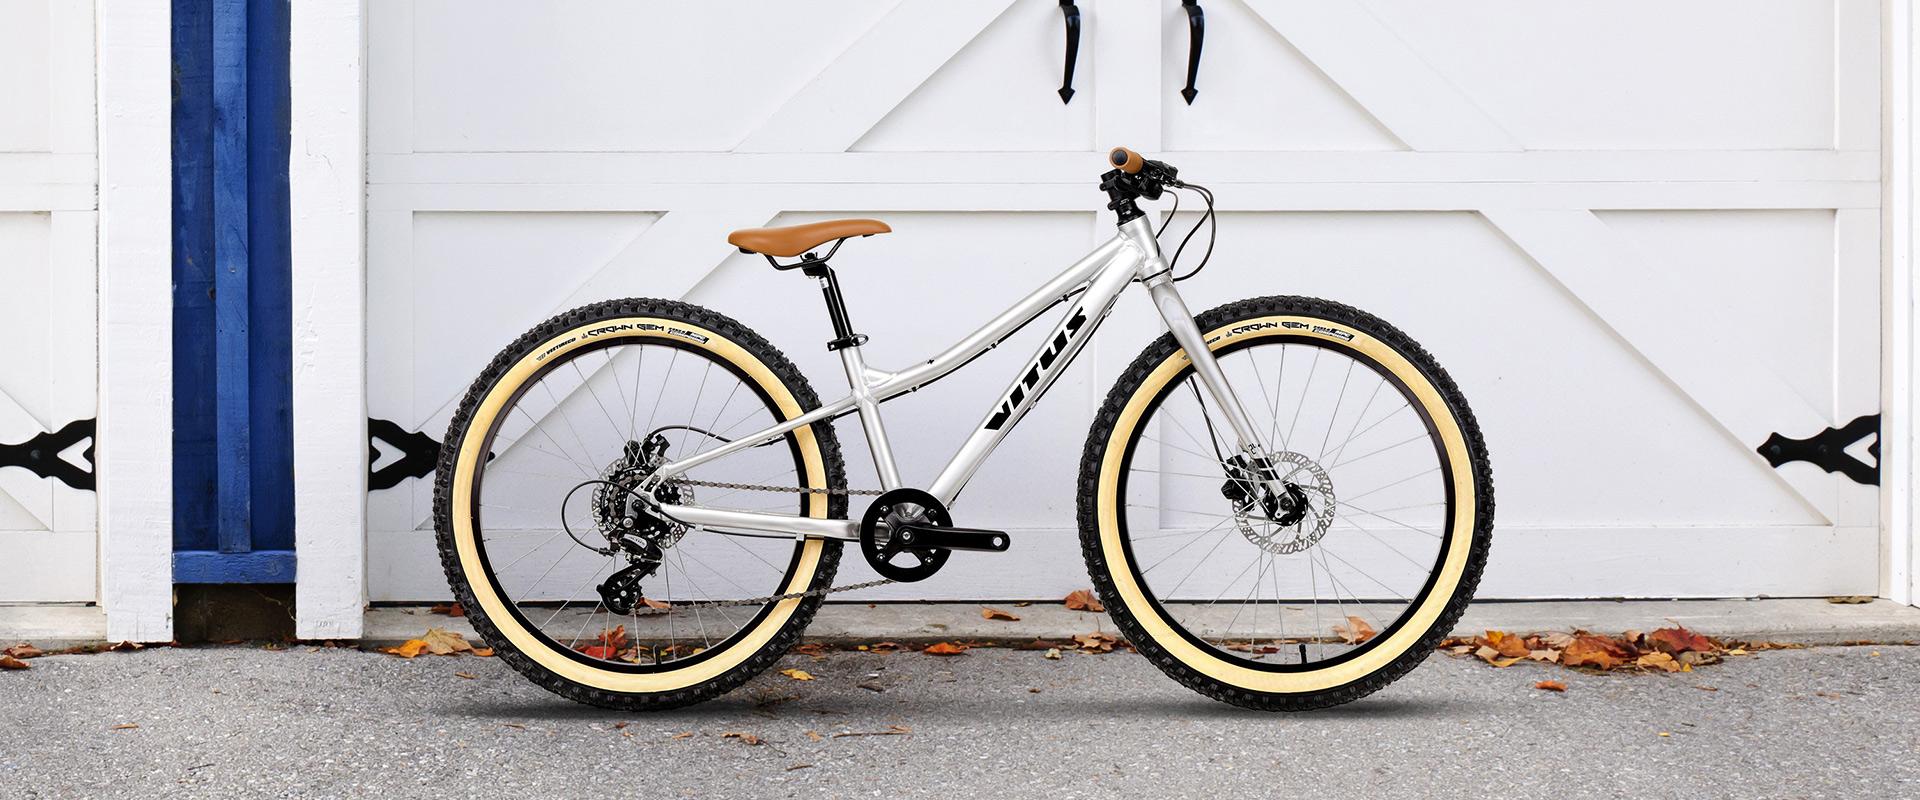 24+ Kids Bike